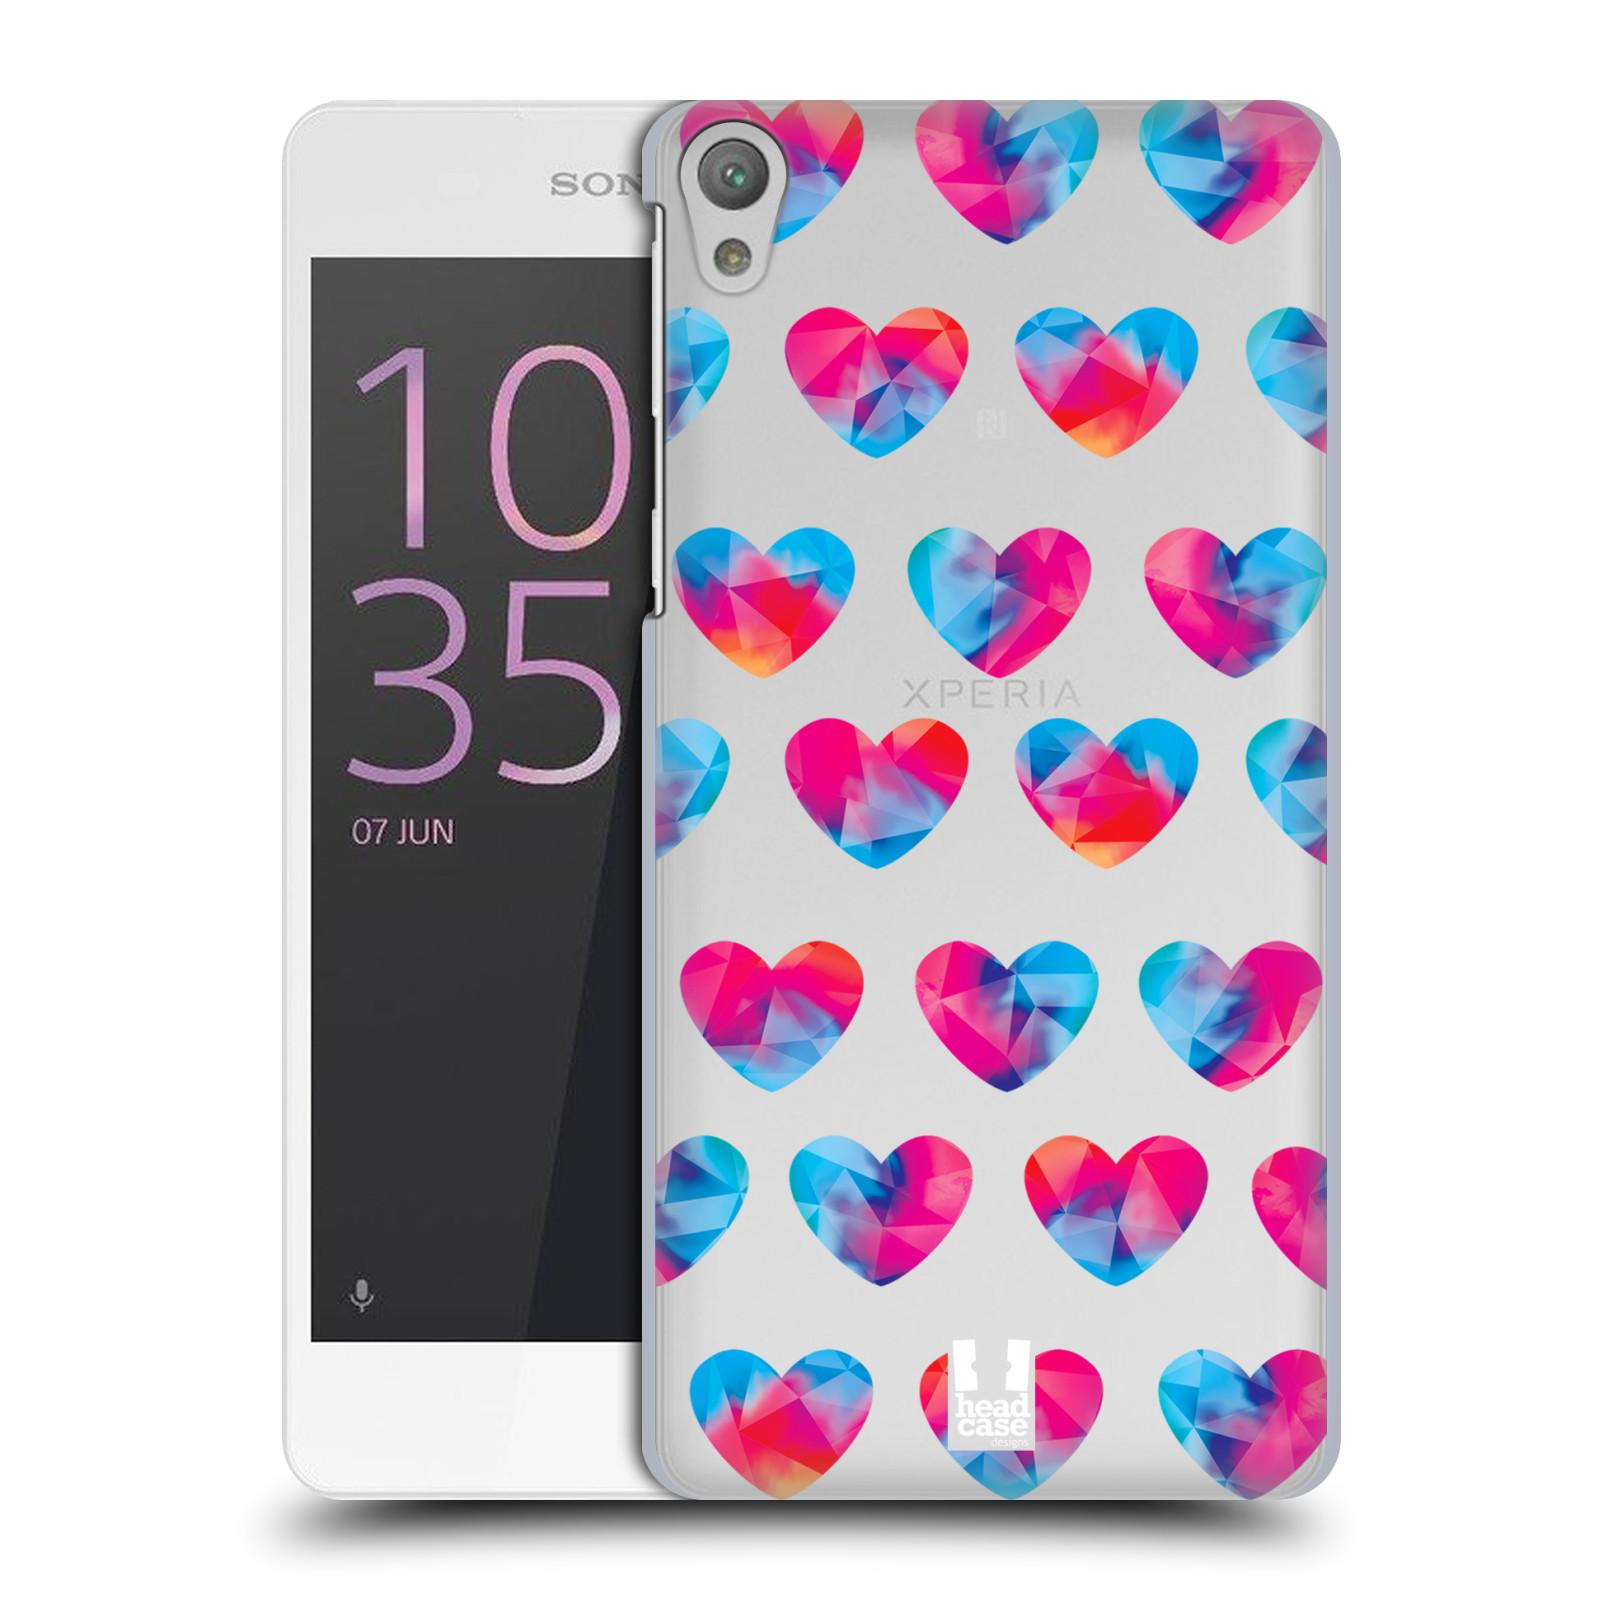 Plastové pouzdro na mobil Sony Xperia E5 - Head Case - Srdíčka hrající barvami